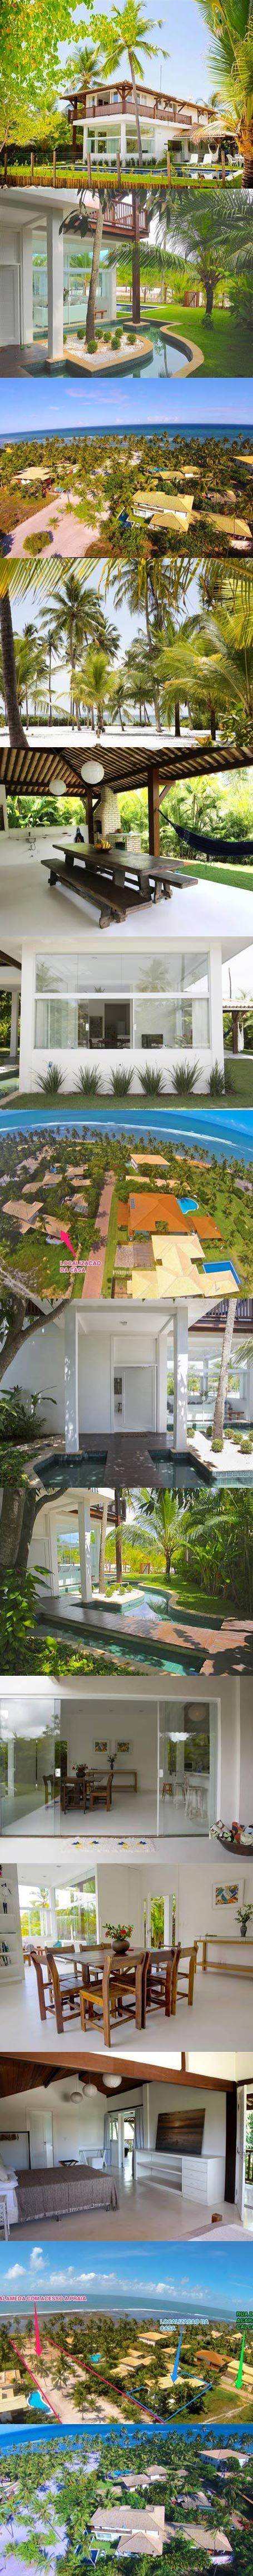 Praia do Forte - Casa Recém Construída E Reformada   Veja mais aqui - http://www.imoveisbrasilbahia.com.br/praia-do-forte-casa-recem-construida-e-reformada-a-venda